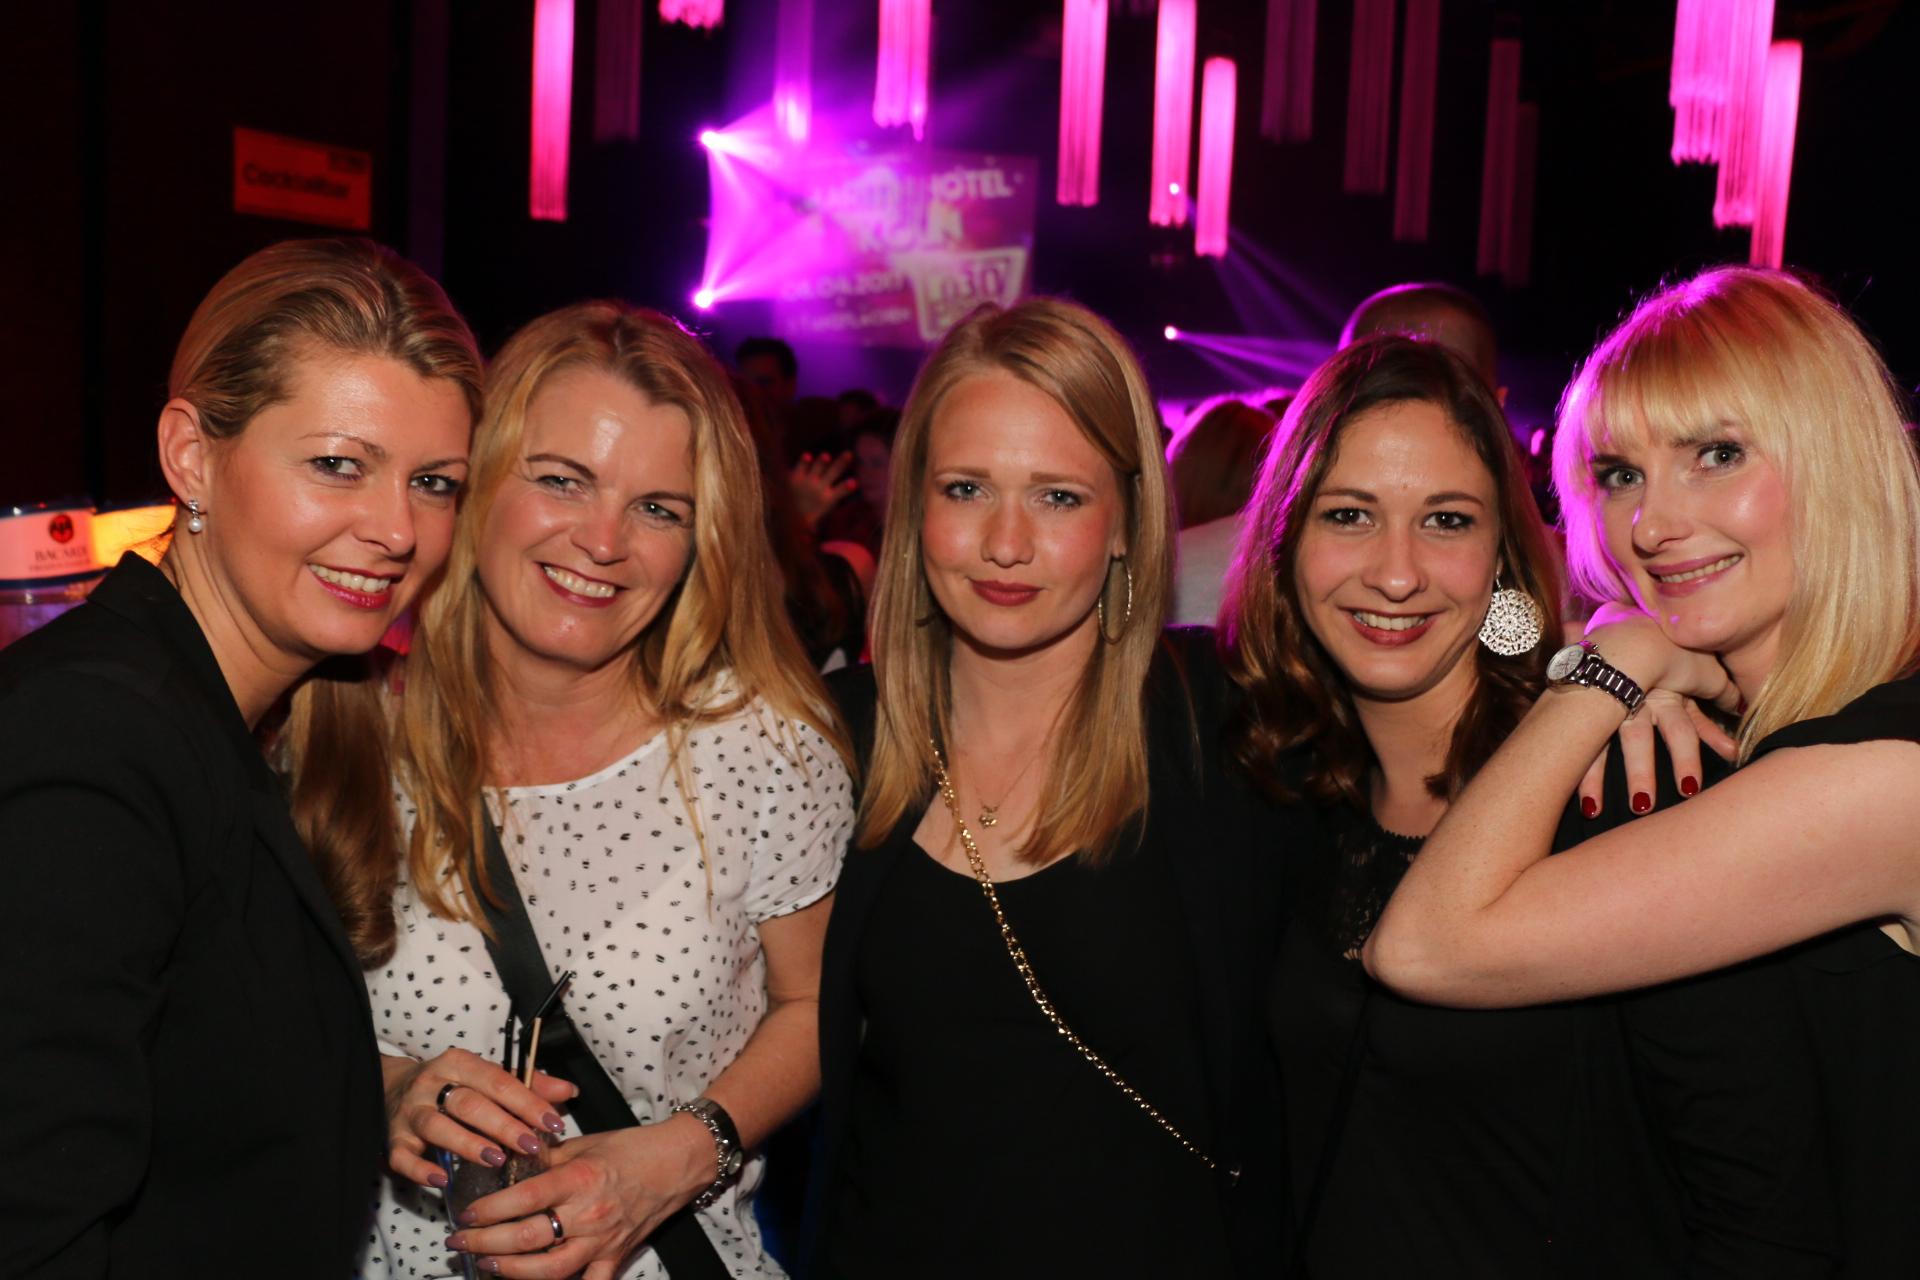 Ü30 party in osnabrück